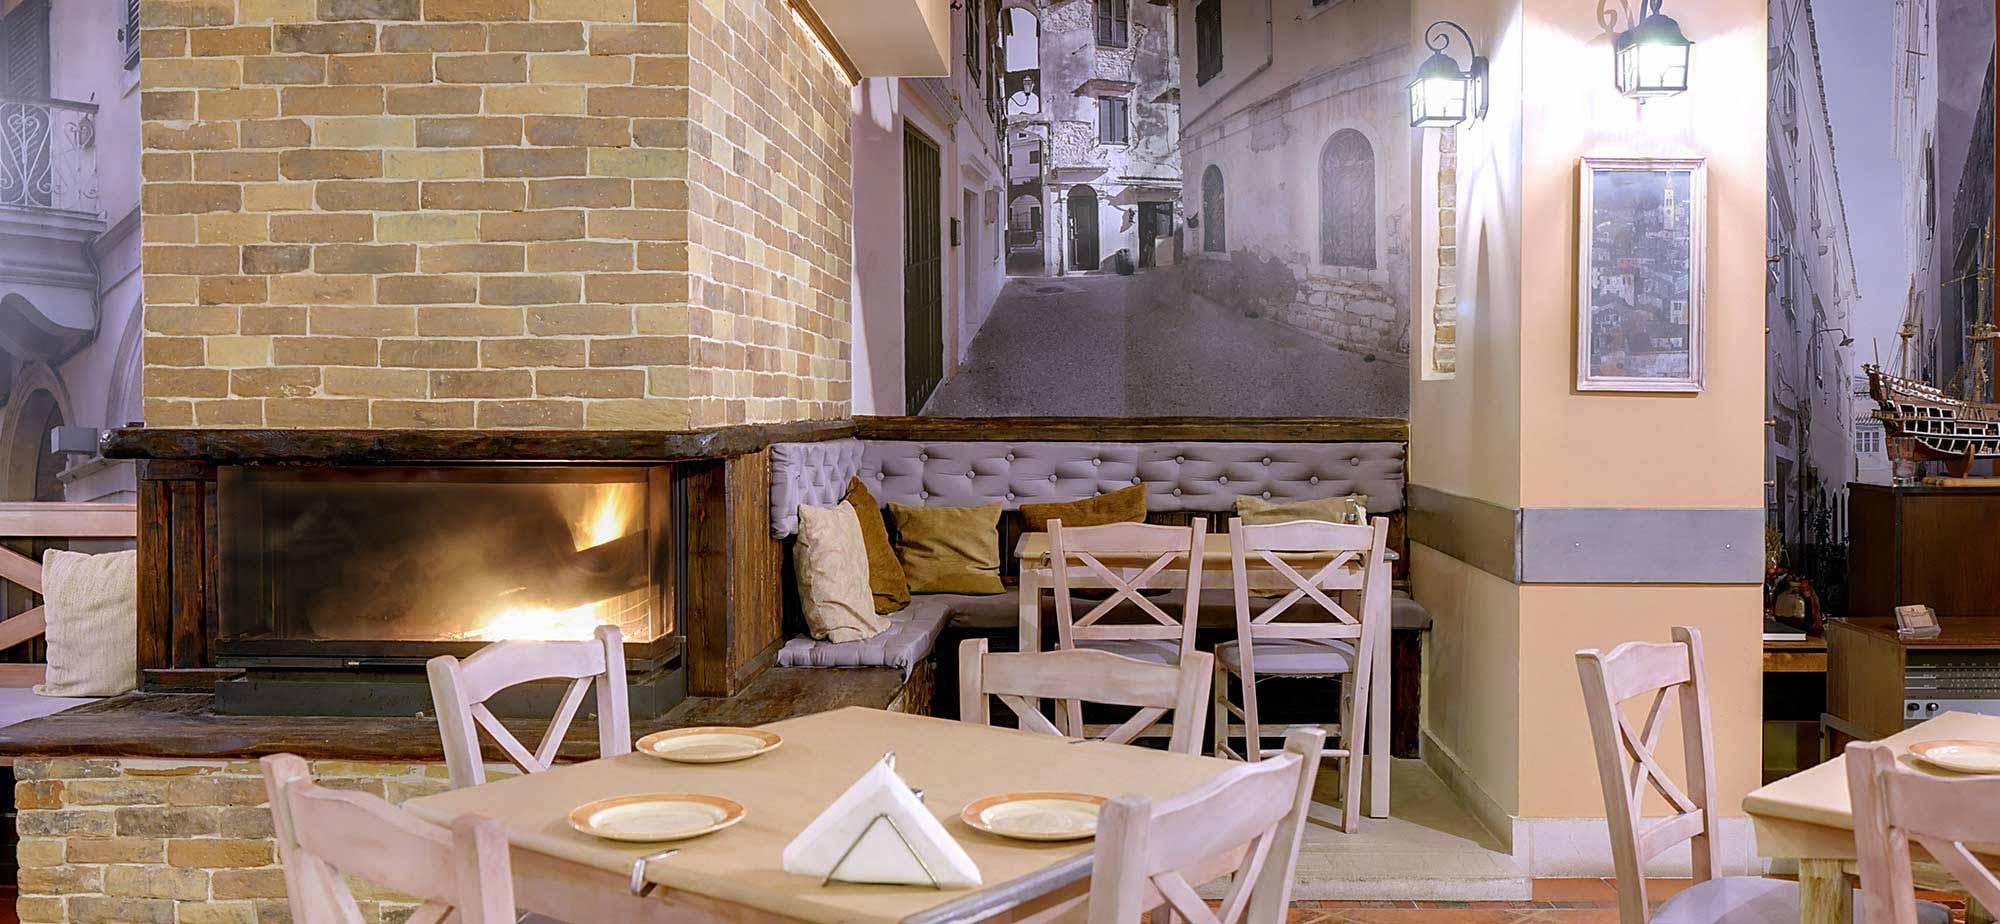 6-avli-restaurant-corfu-2000x924